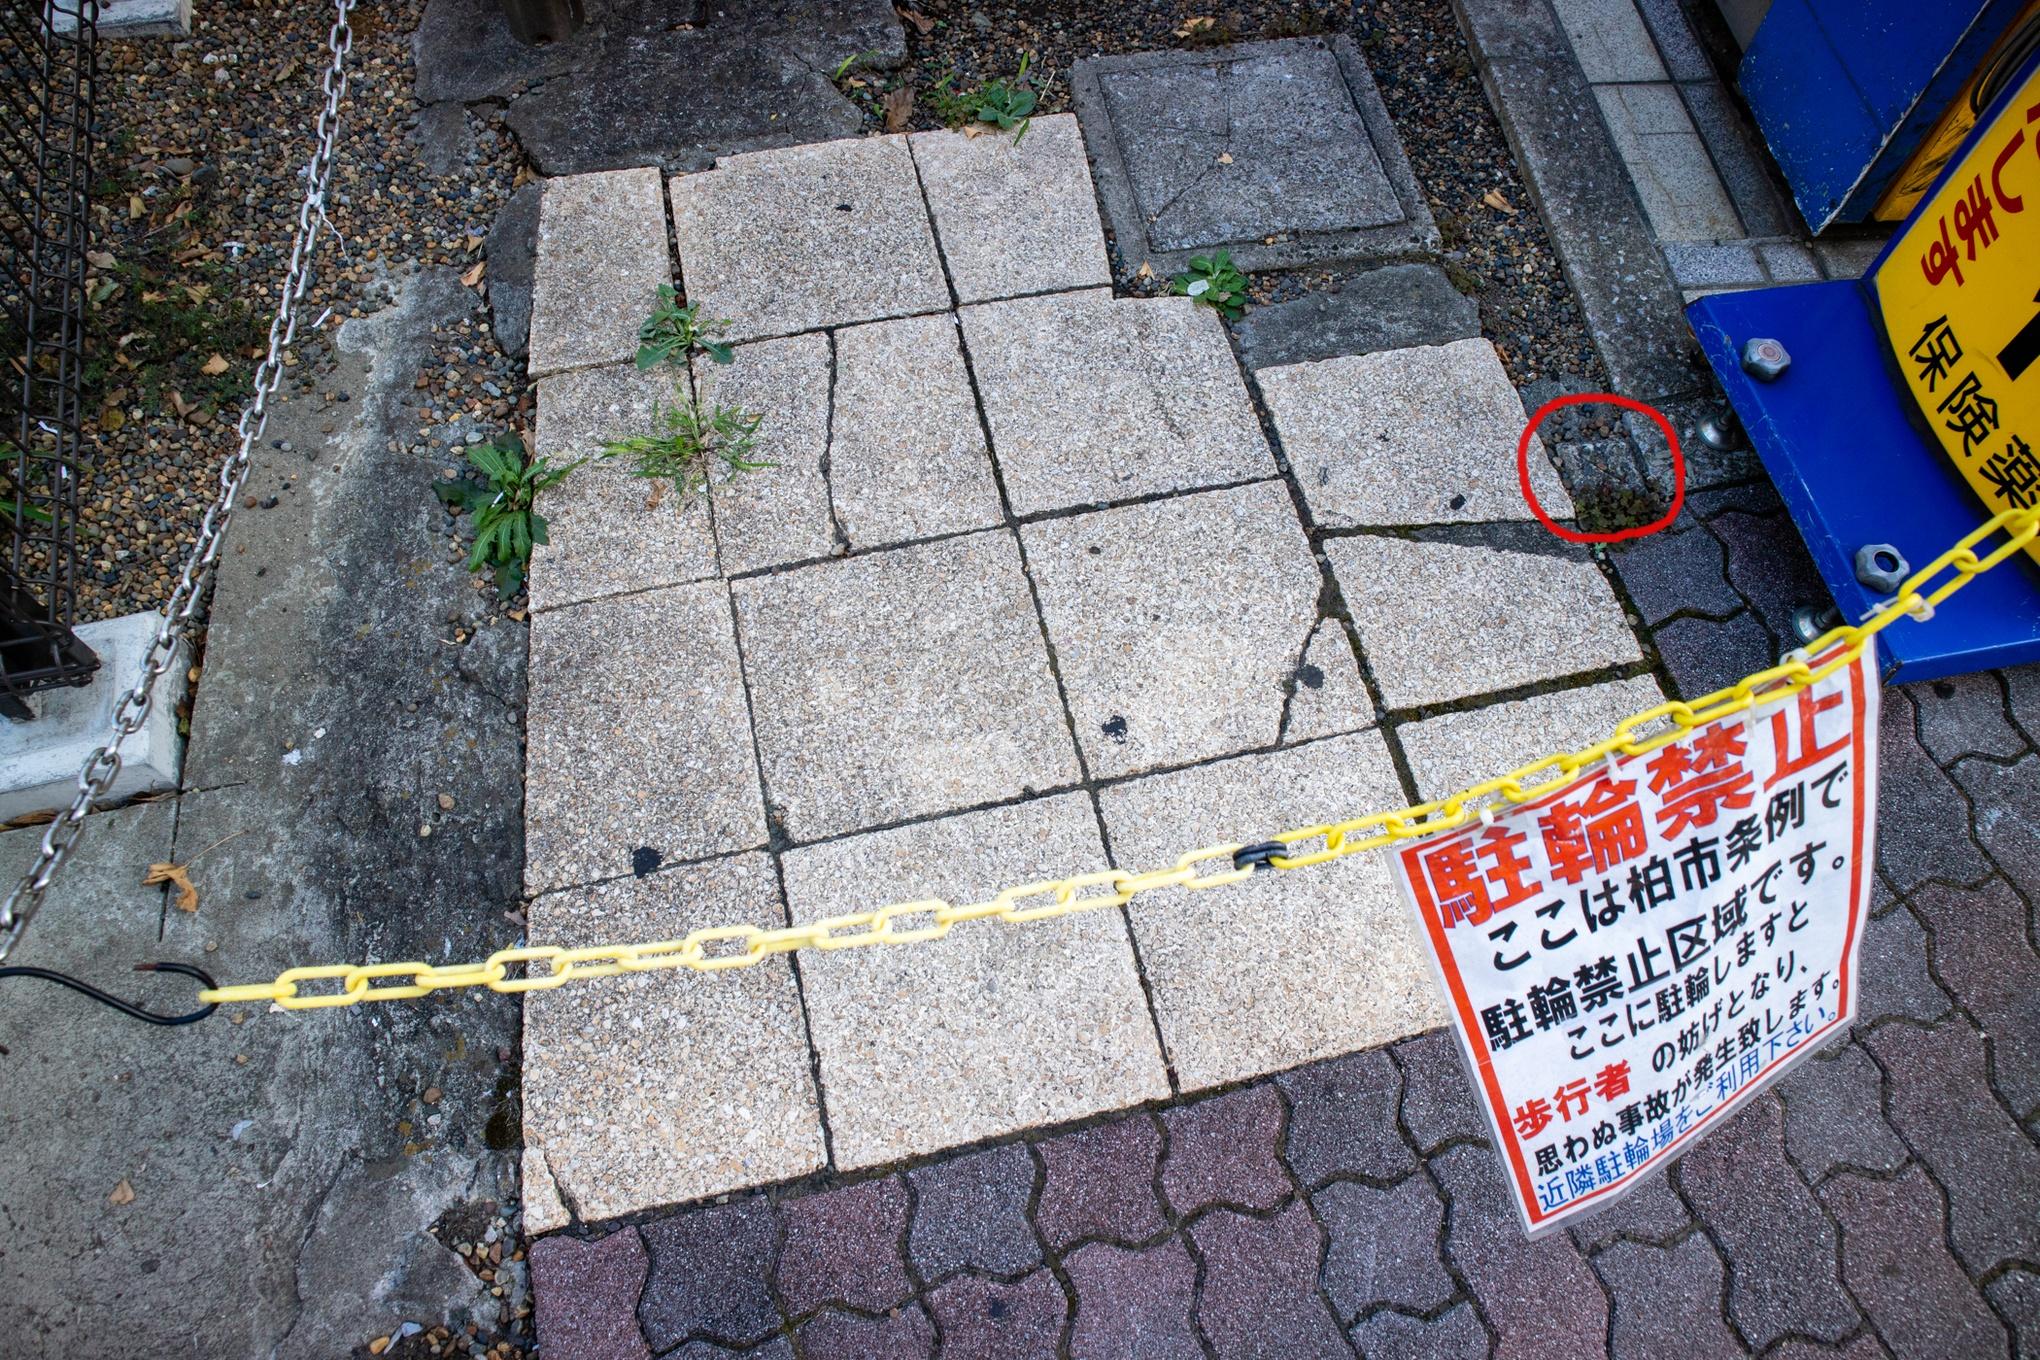 f:id:akichiniiko:20210529174948j:plain